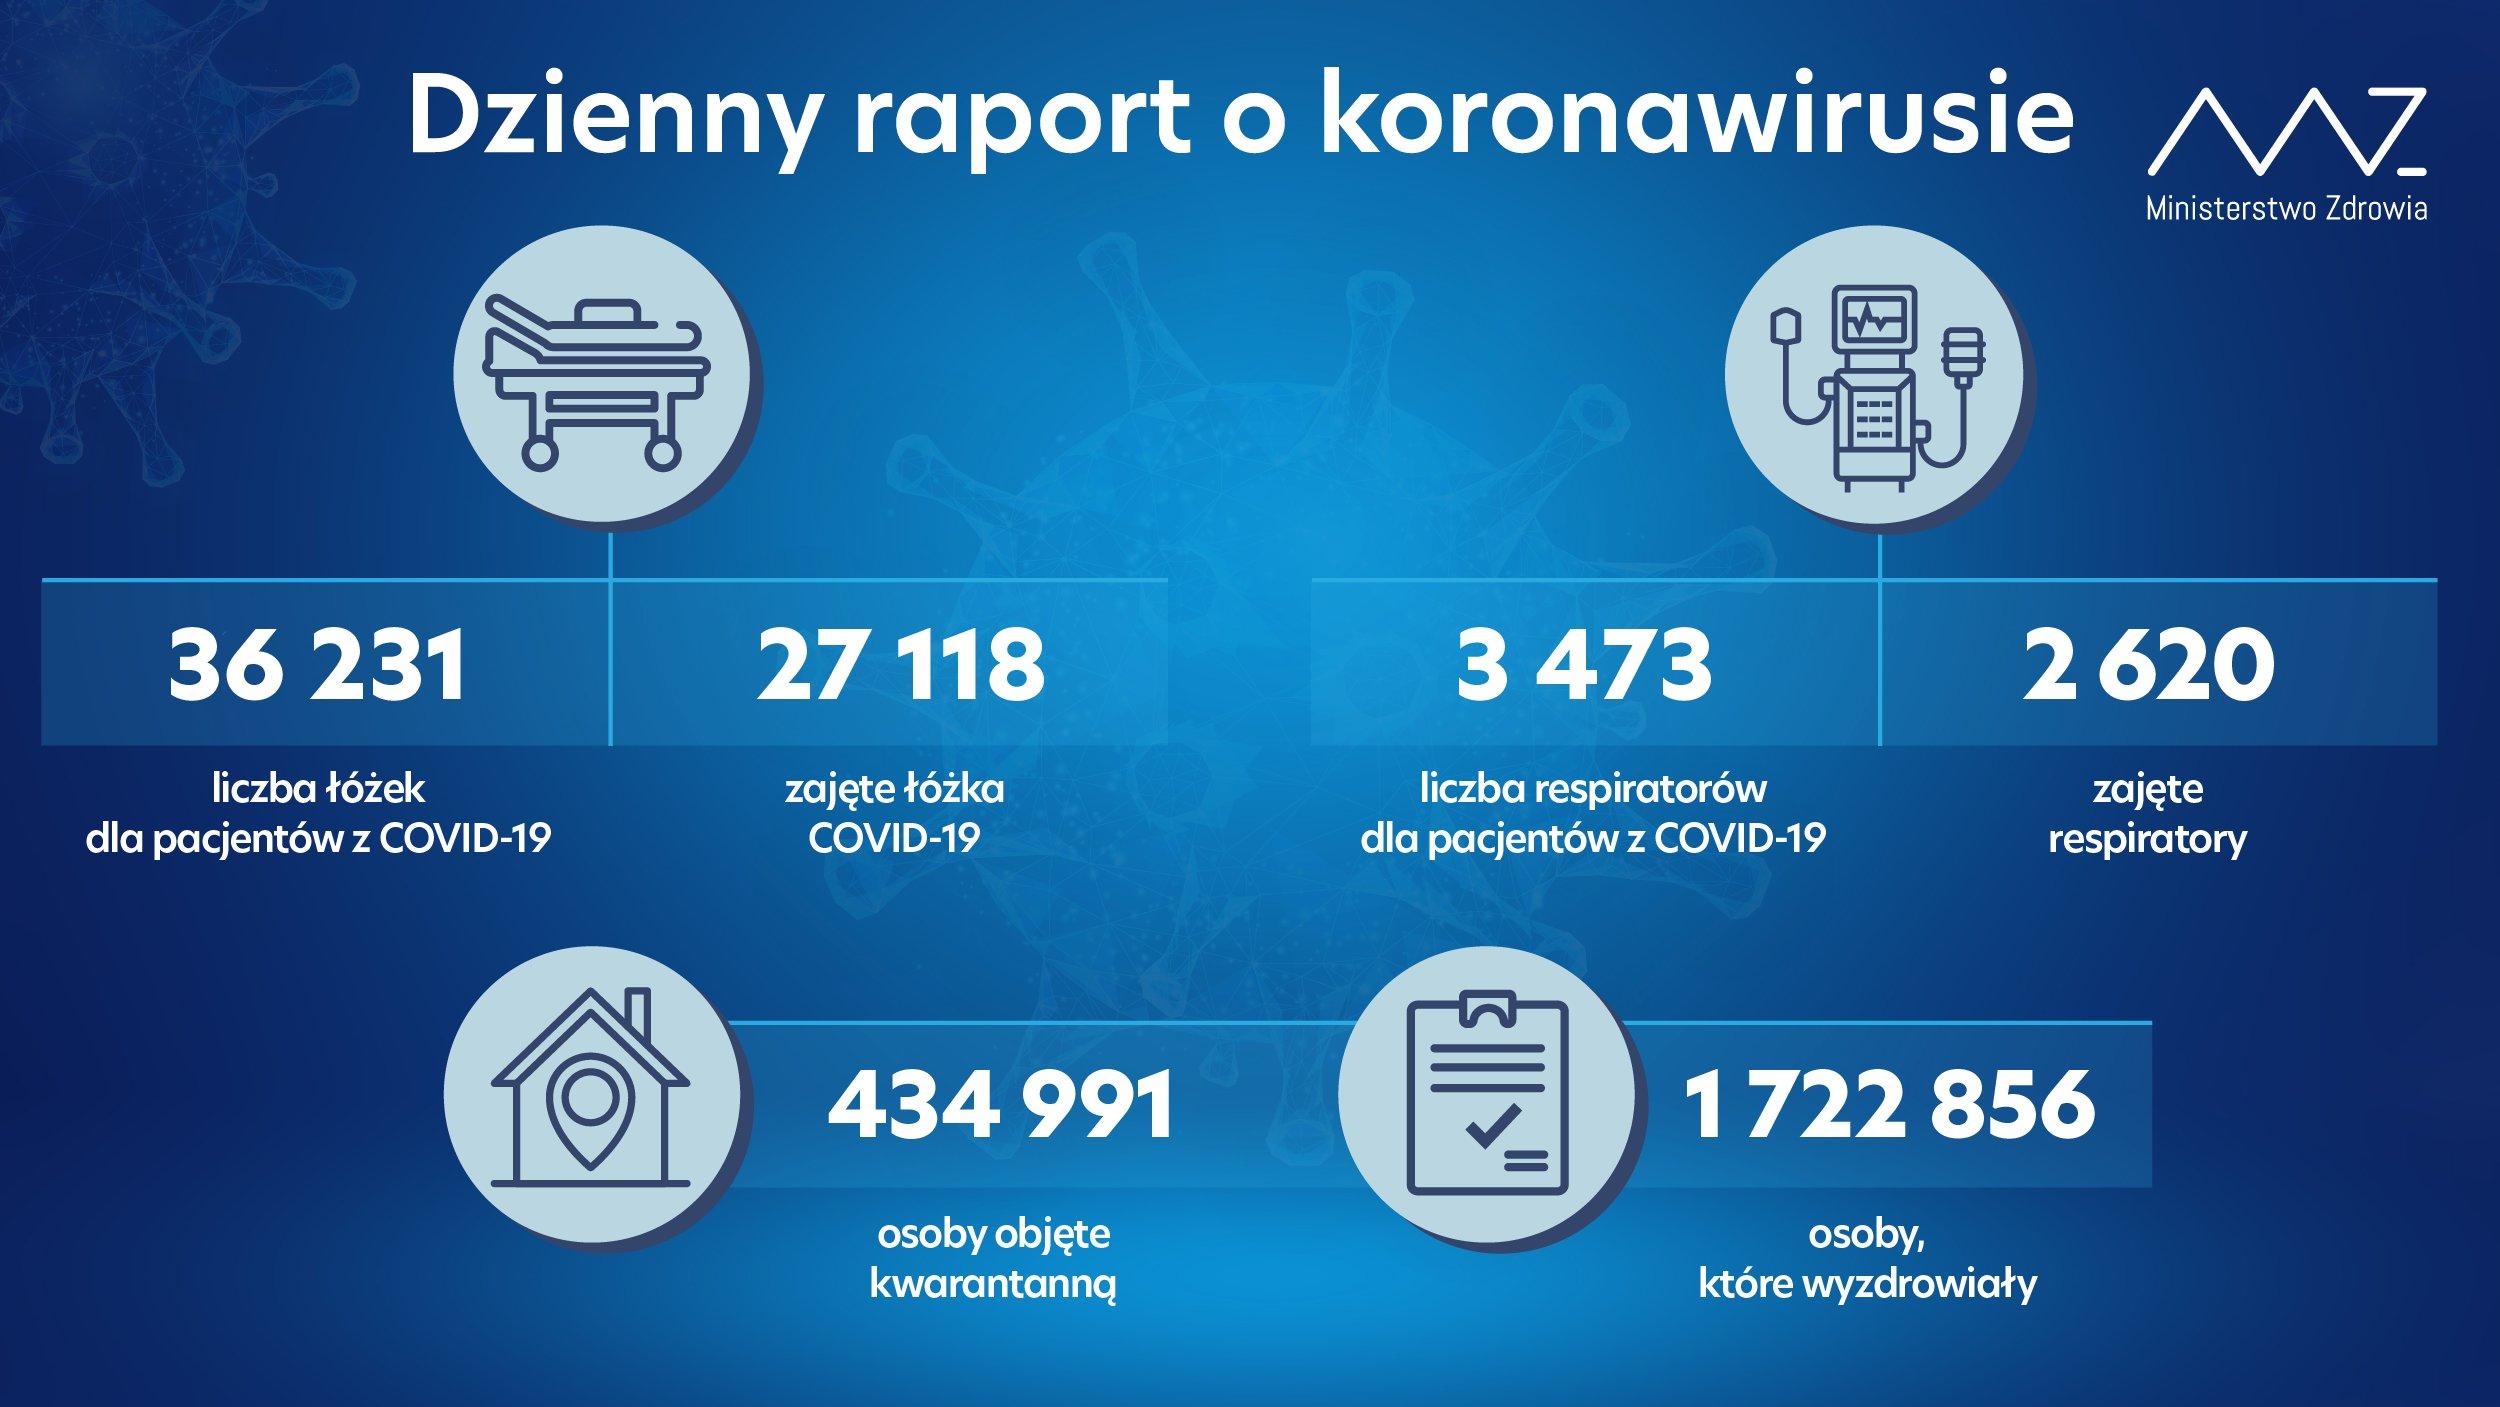 liczba łóżek dla pacjentów z COVID-19: 36 231 - liczba łóżek zajętych: 27 118 - liczba respiratorów dla pacjentów z COVID-19: 3 473 - liczba zajętych respiratorów: 2 620  - liczba osób objętych kwarantanną: 434 991 - liczba osób, które wyzdrowiały: 1 722 856